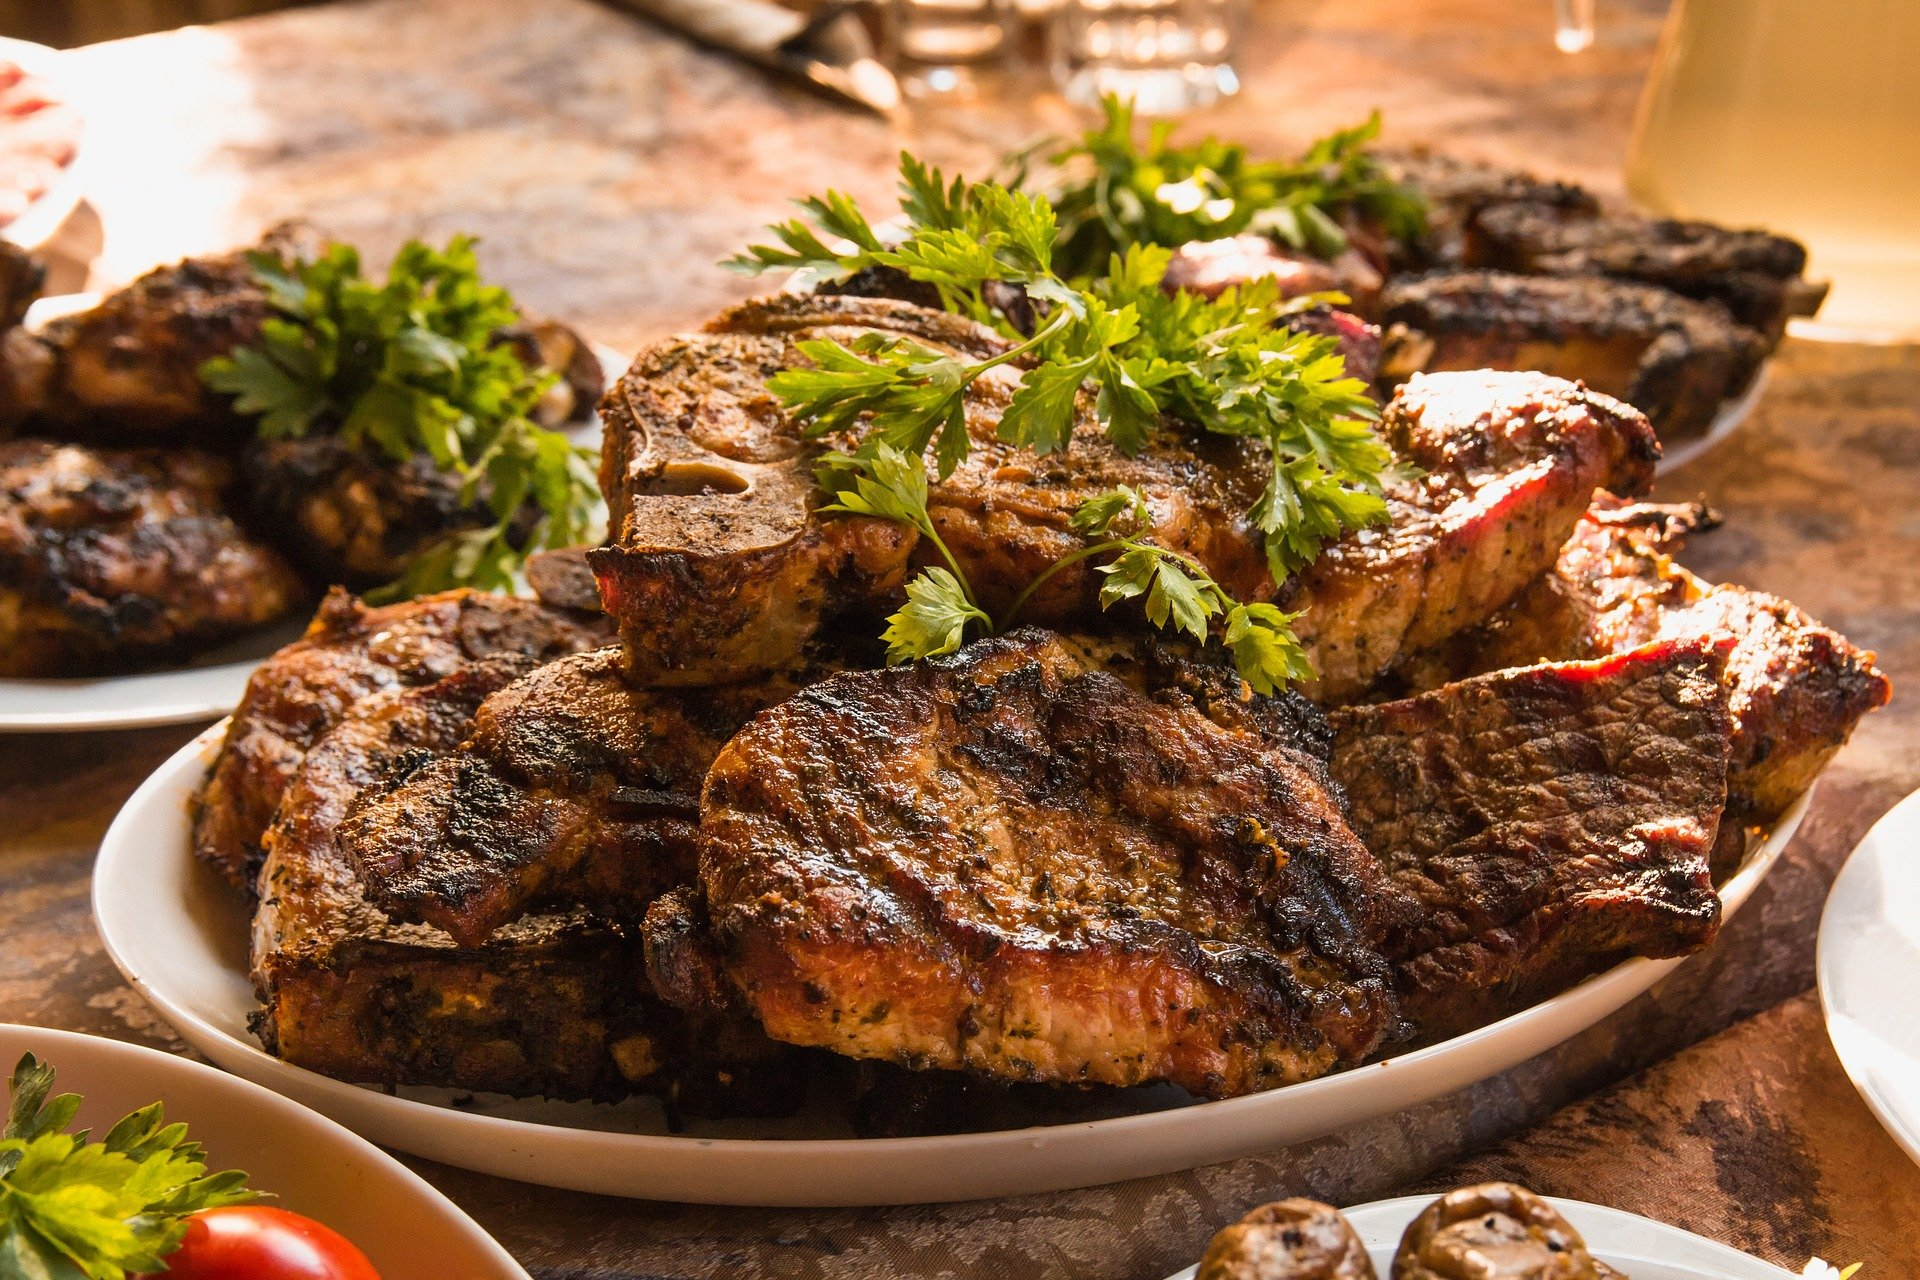 Begini Cara Bikin Steak Daging Sapi Rumahan, Yang Mudah Dan Enak - www.radenpedia.com